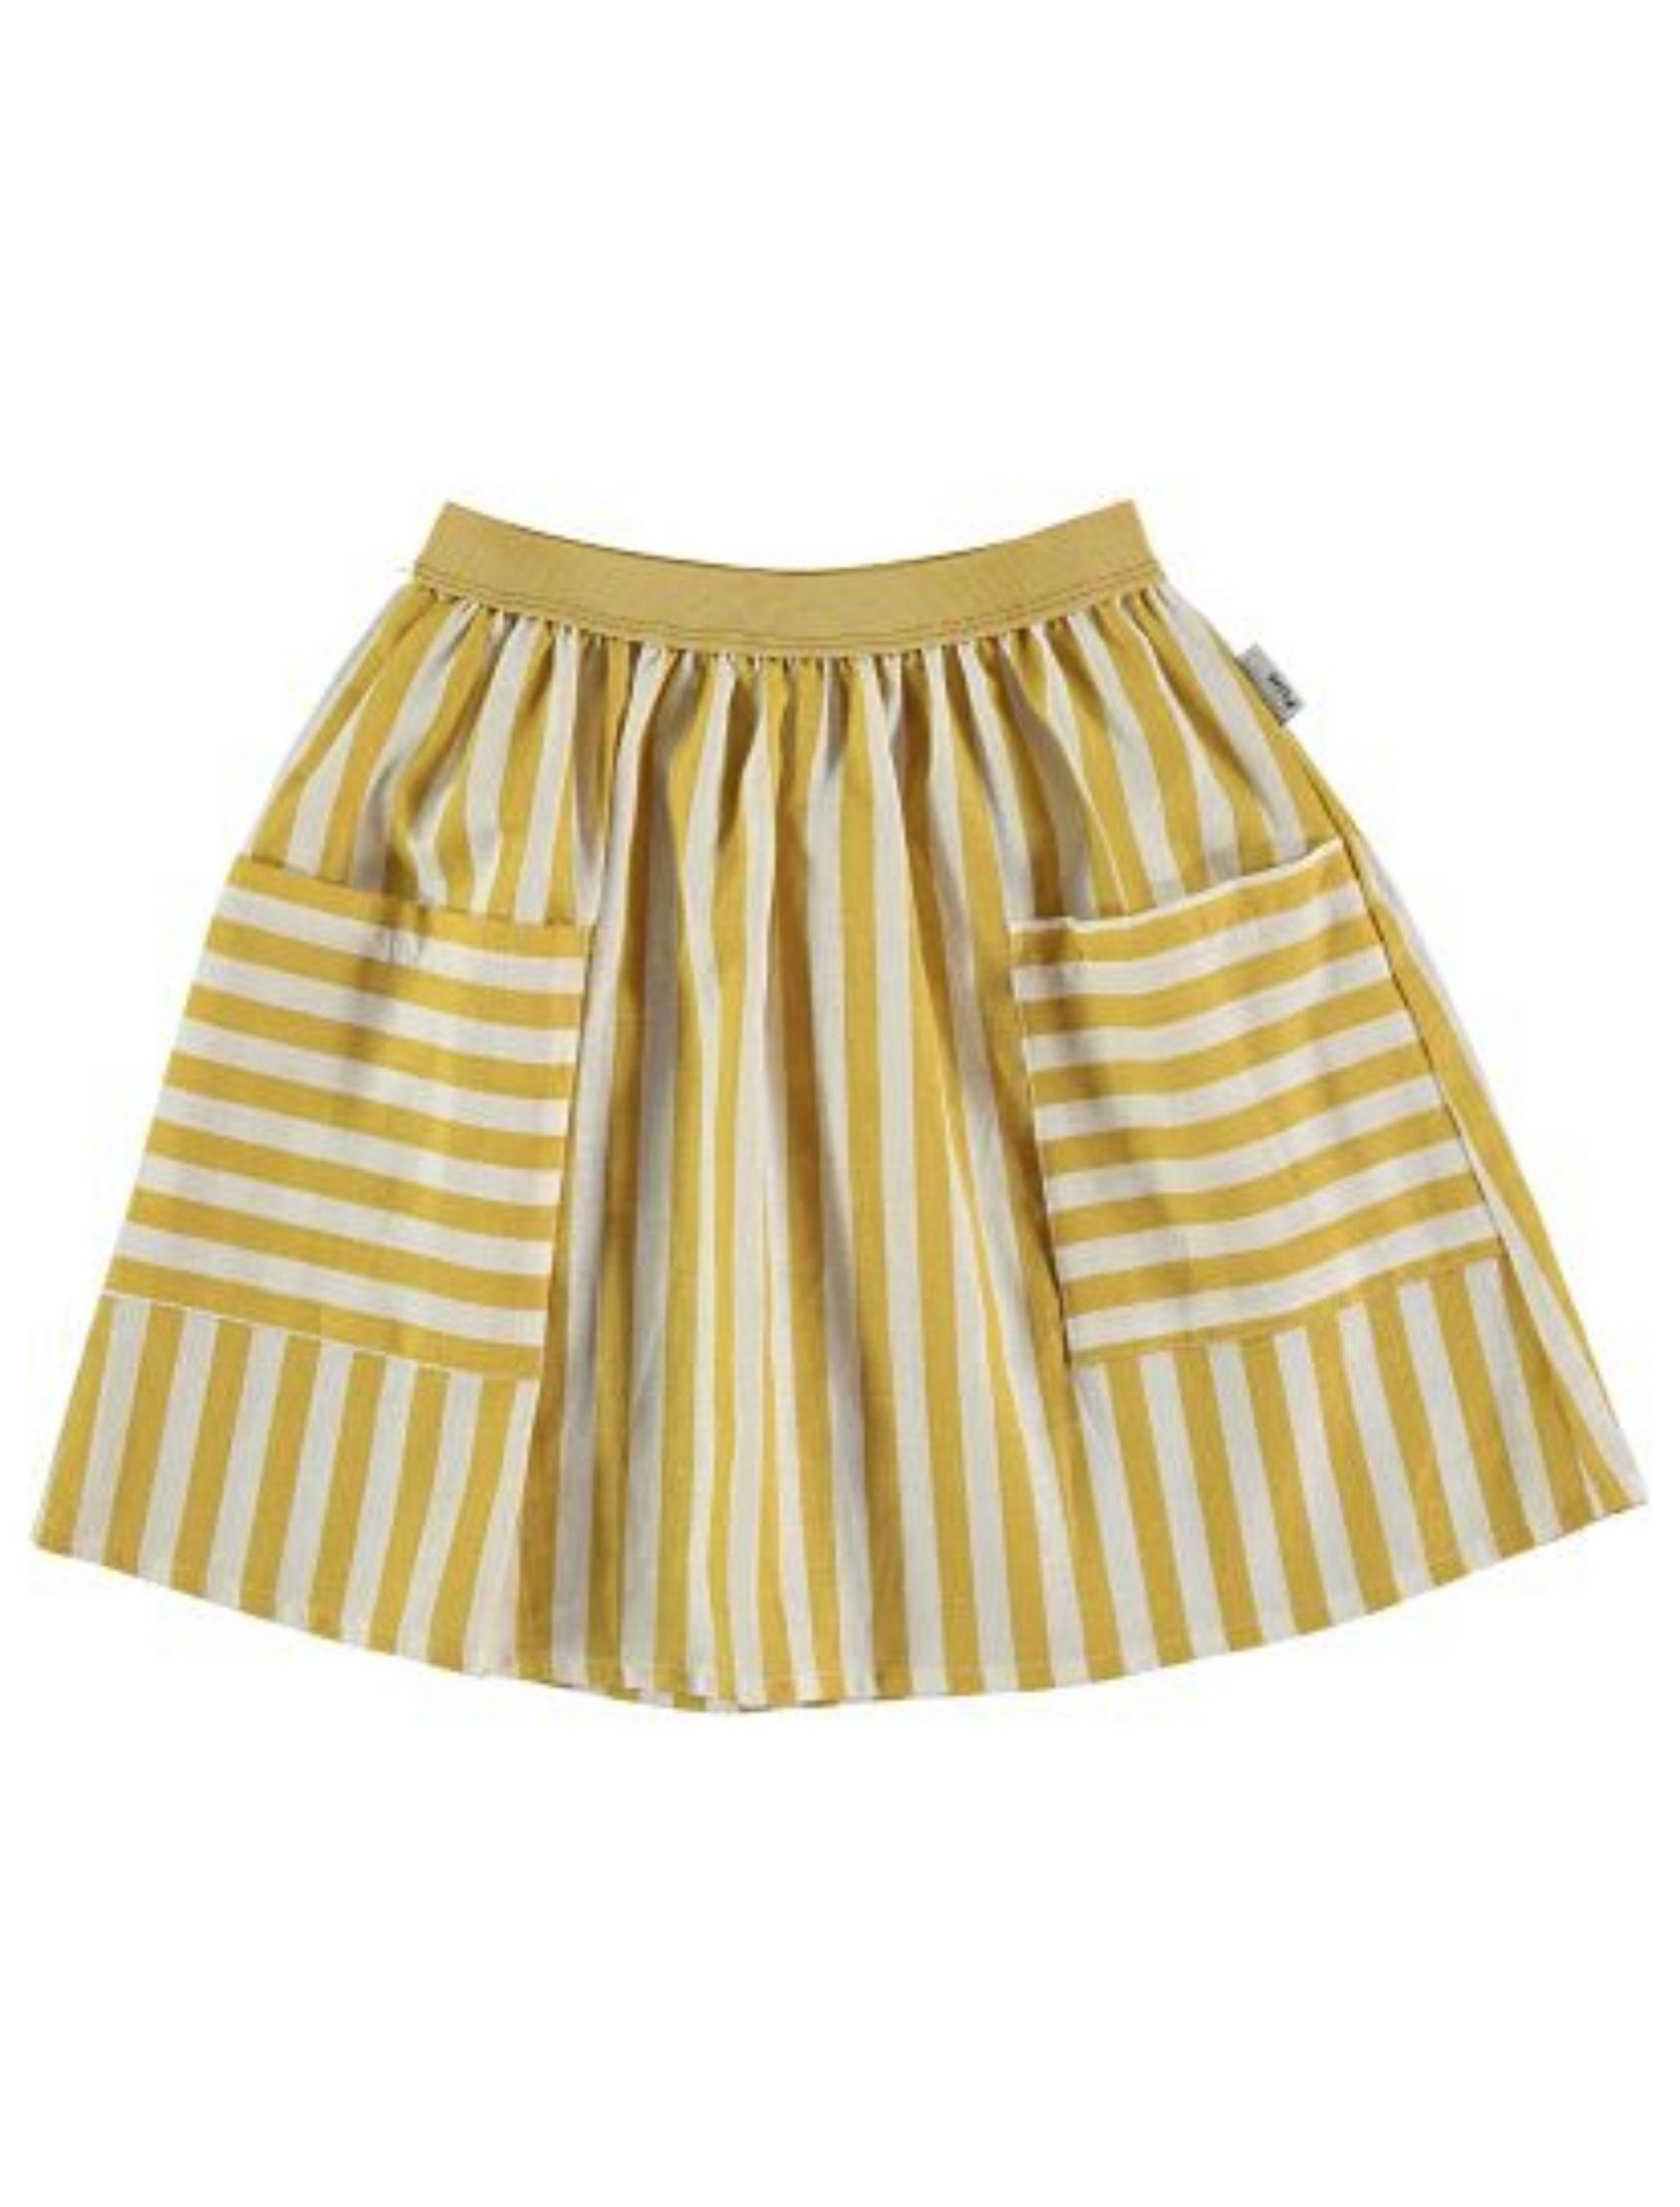 falda de rayas ocre y beige con vuelo y bolsillos de piñata pum